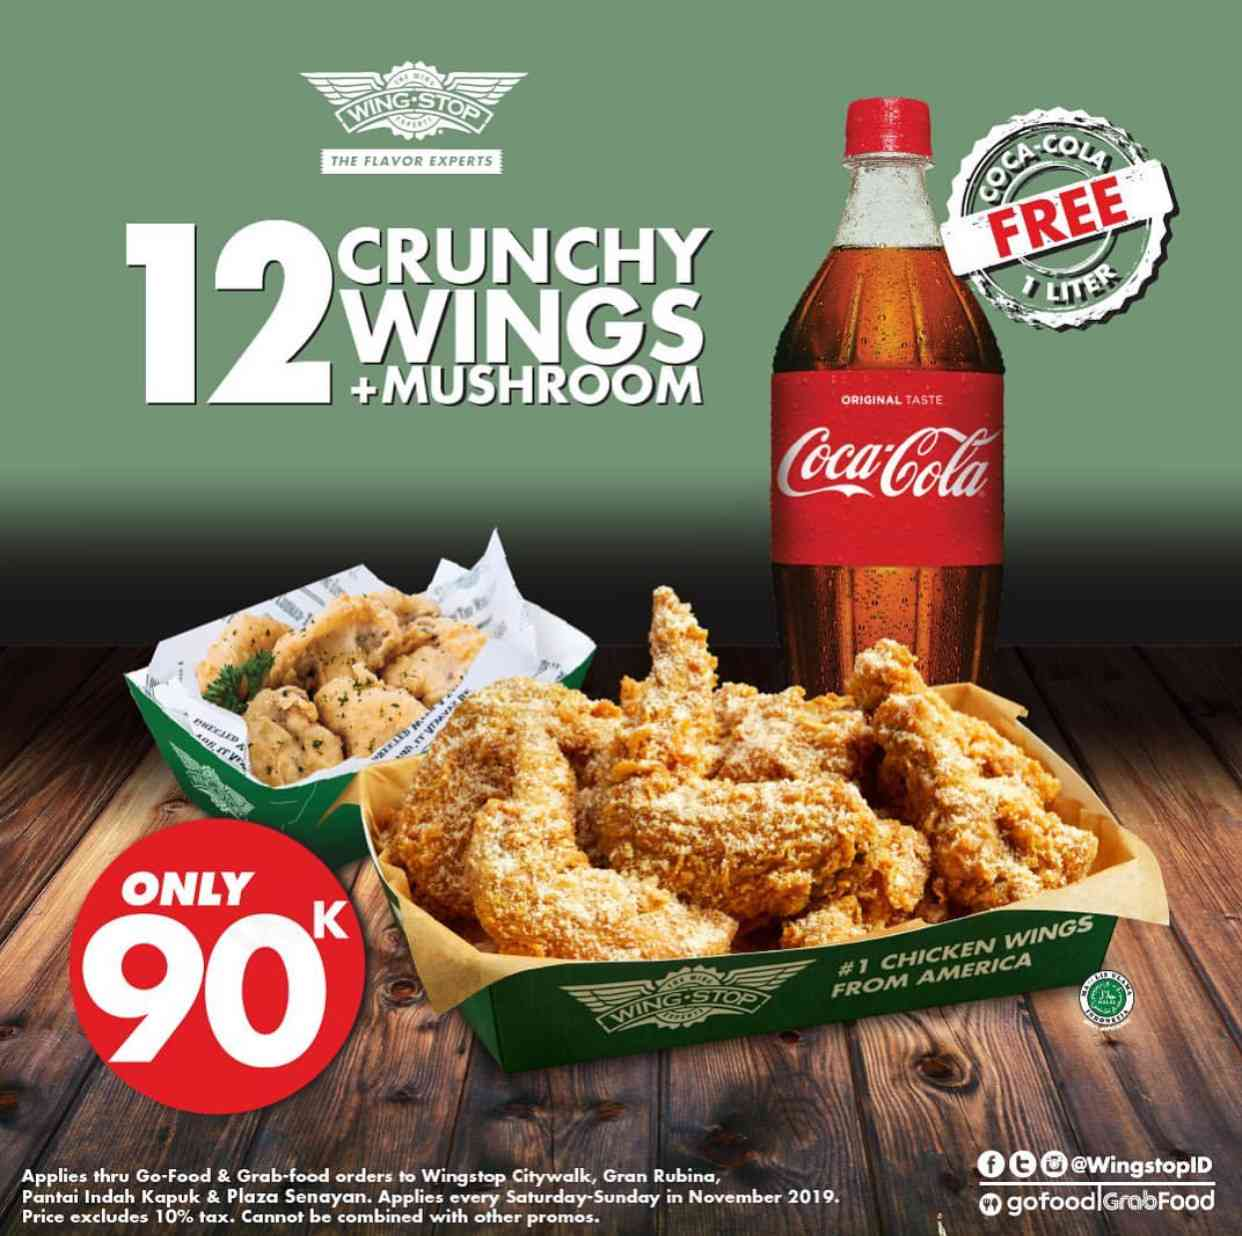 Wingstop Promo 12 Crunchy Wings + Mushroom Fritters hanya Rp. 90.000 via GoFood